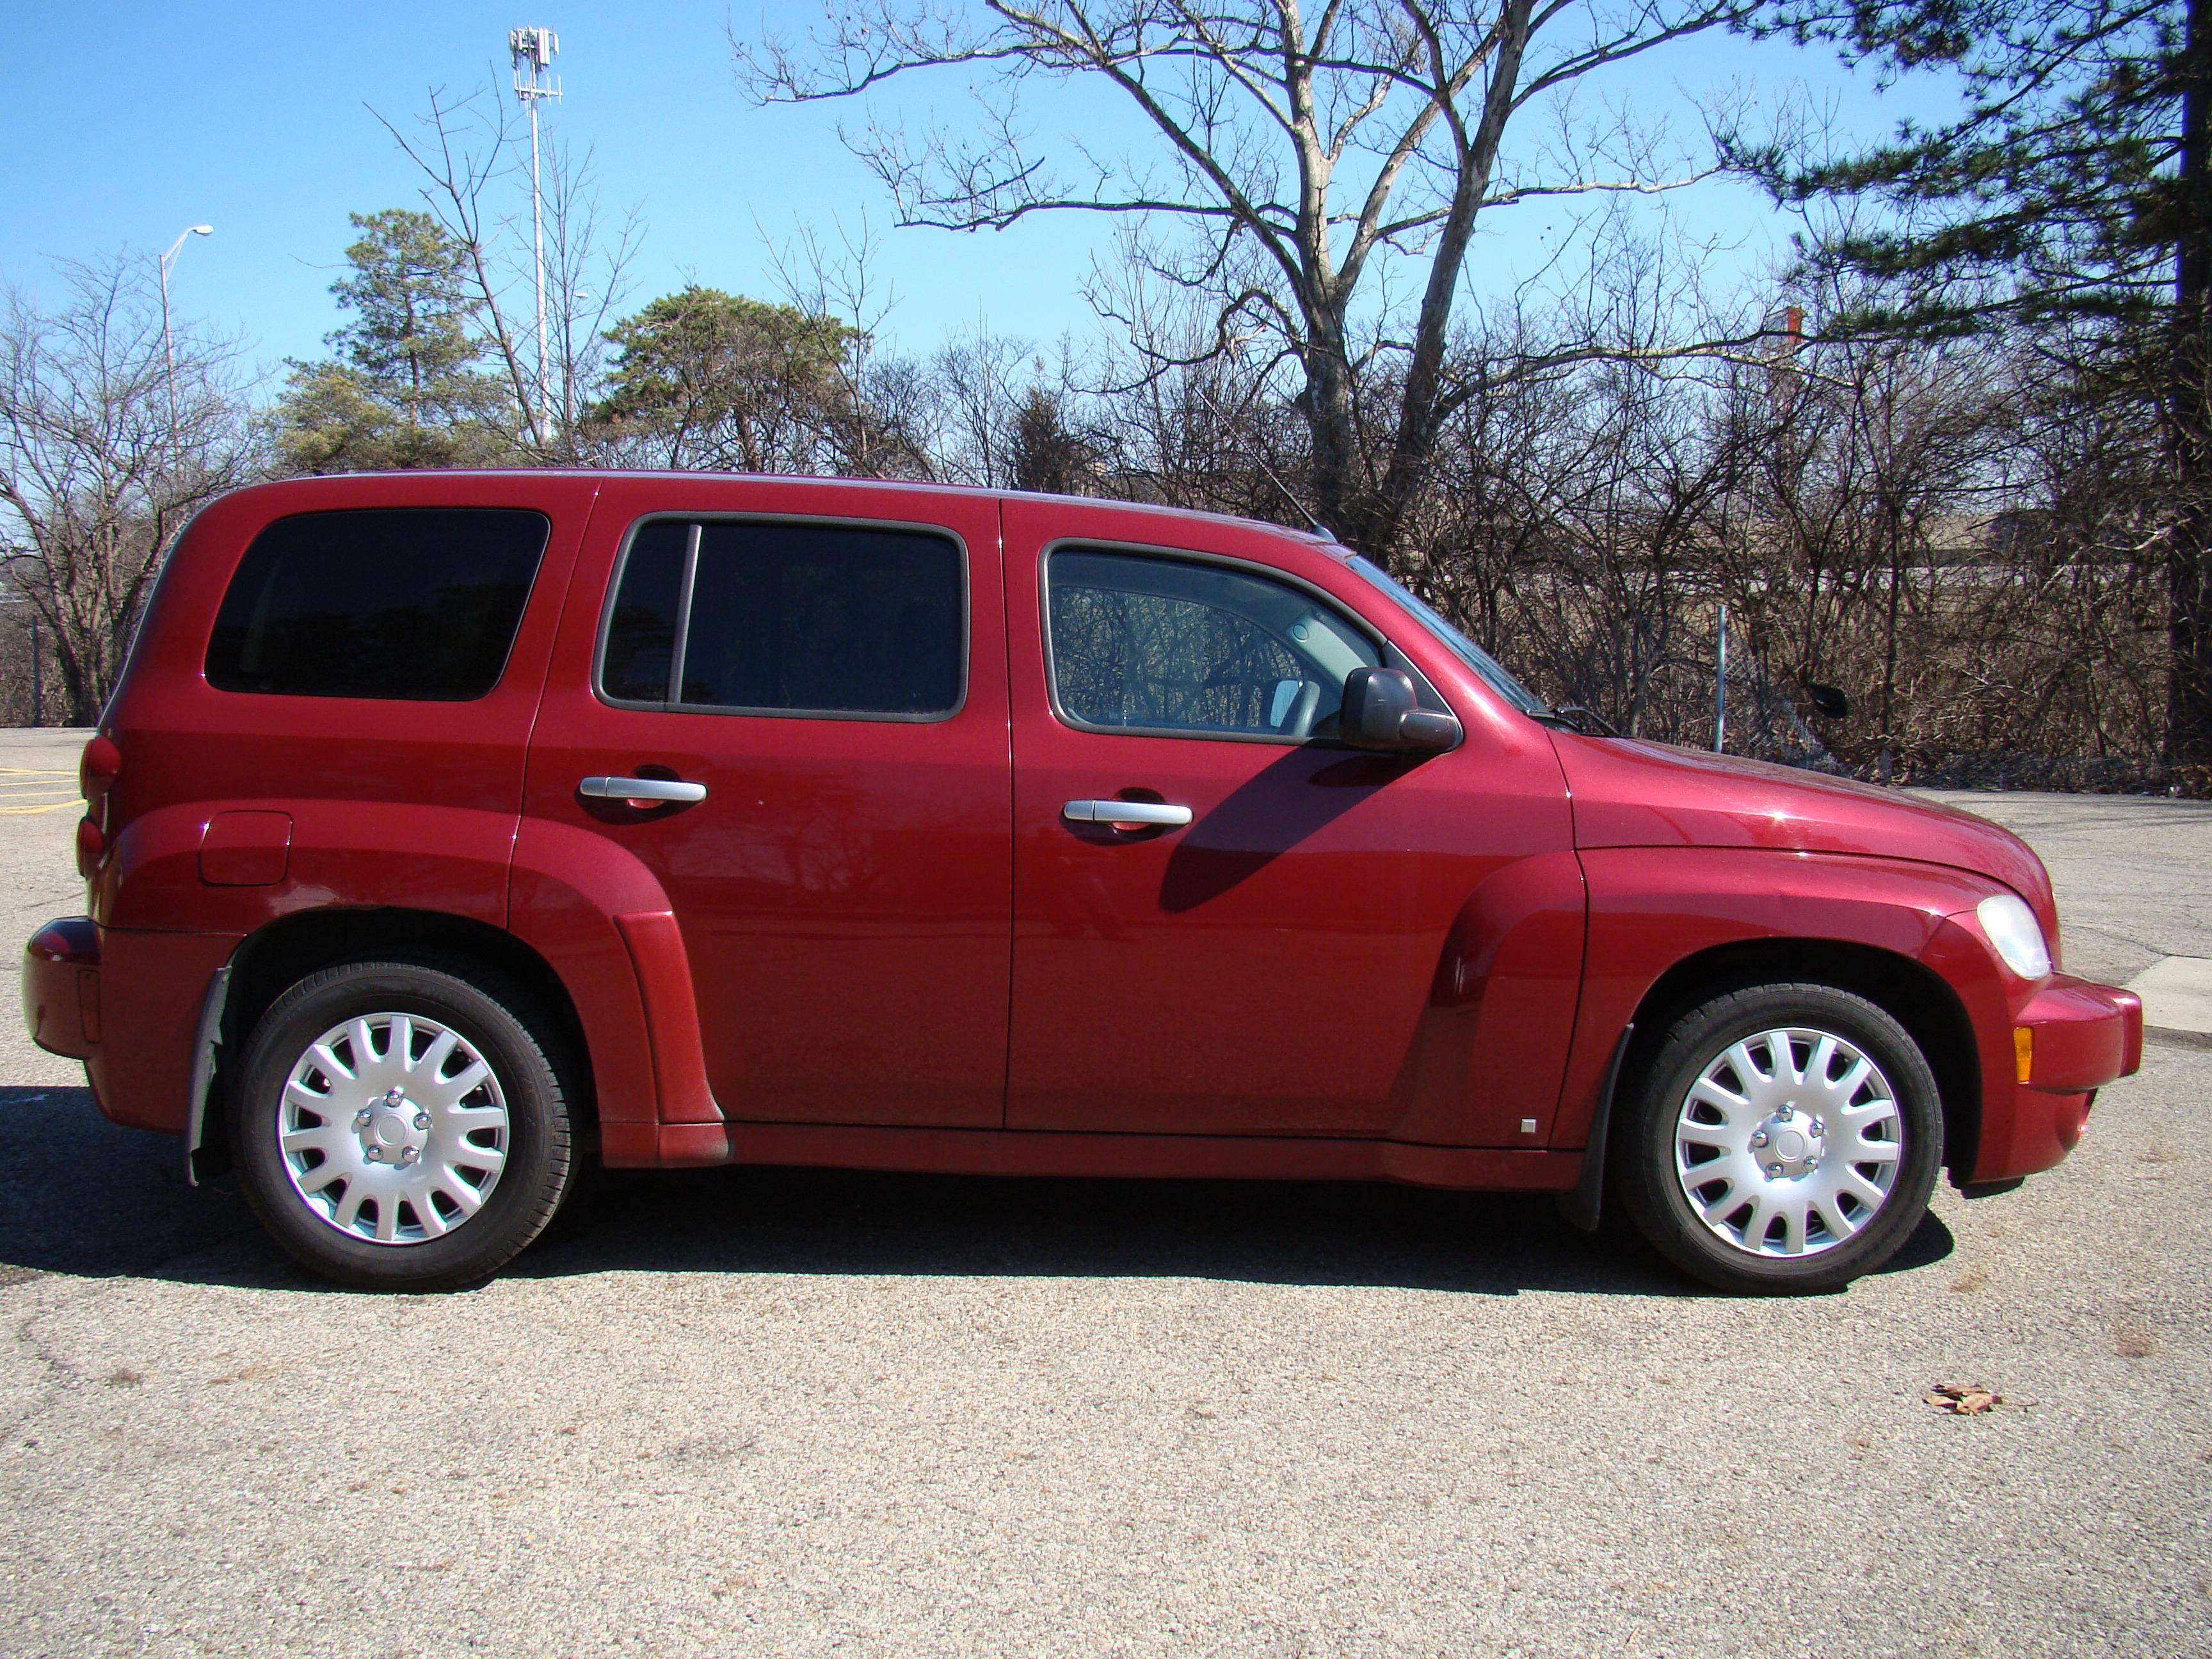 2006 Chevrolet Hhr 4dr 2wd Ls Columbus Luxury Cars Dealership In Columbus